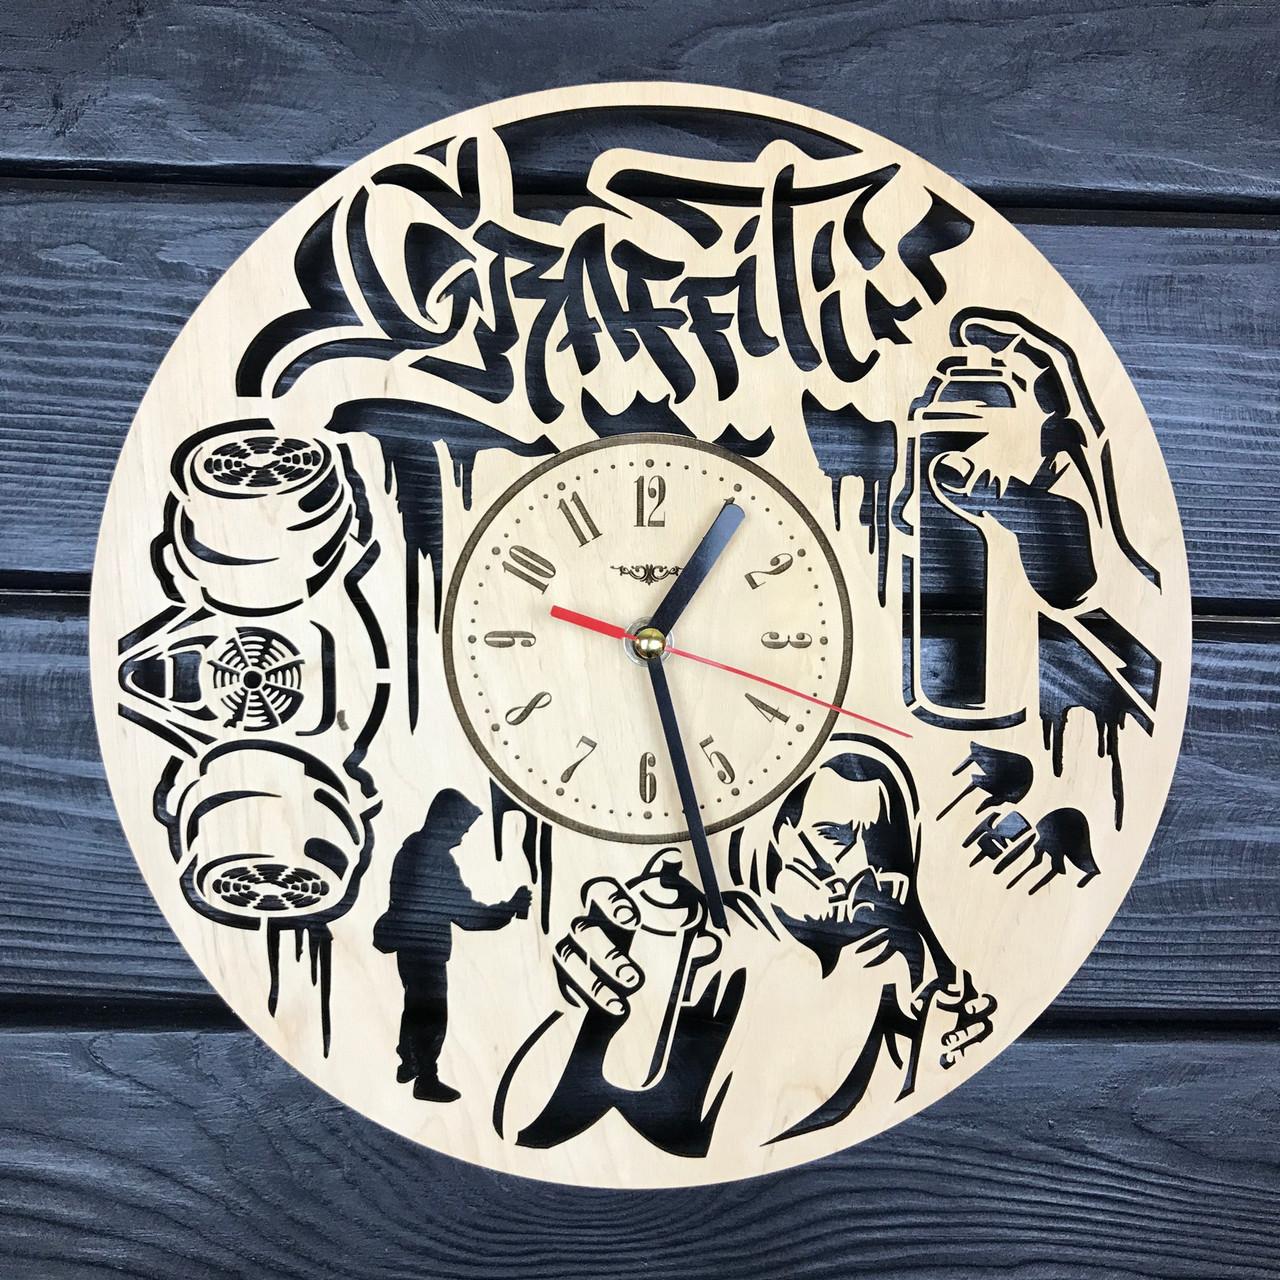 Оригинальные настенные часы из дерева «Граффити»